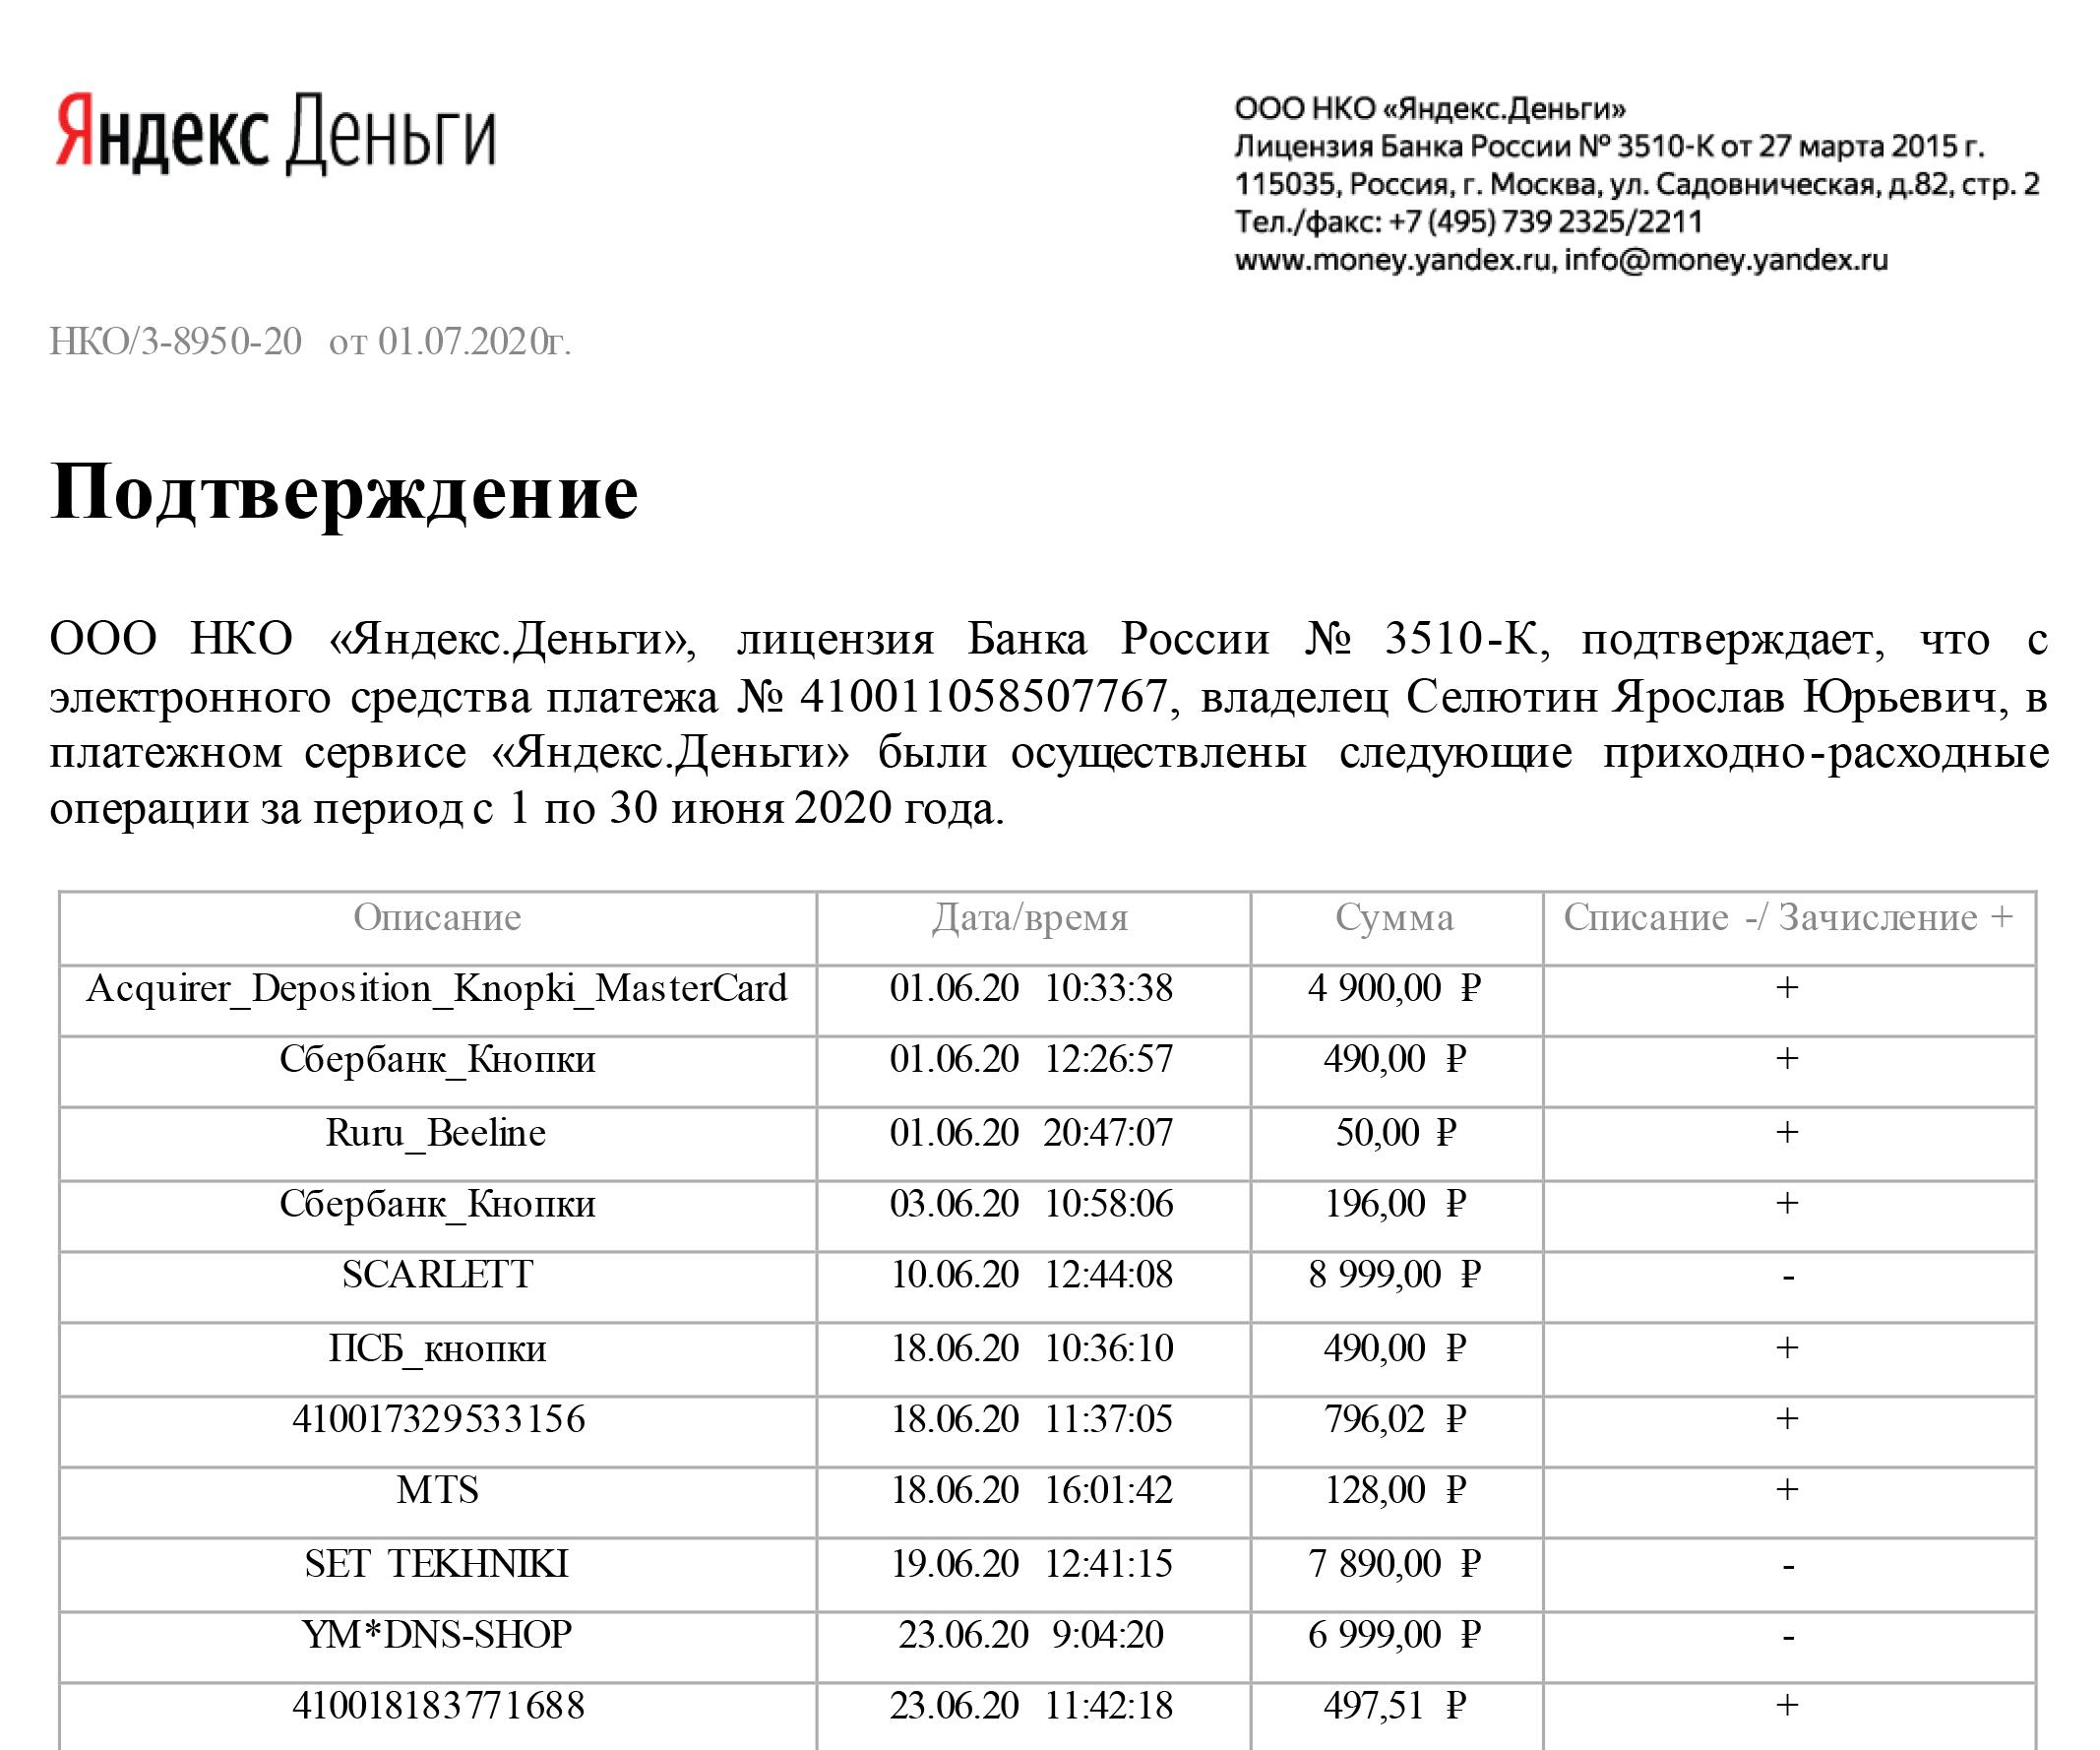 Отчет покошельку «Яндекс-денег» заиюнь 2020года показывает, гдесовершались покупки, а заодно подтверждает личность организатора проекта